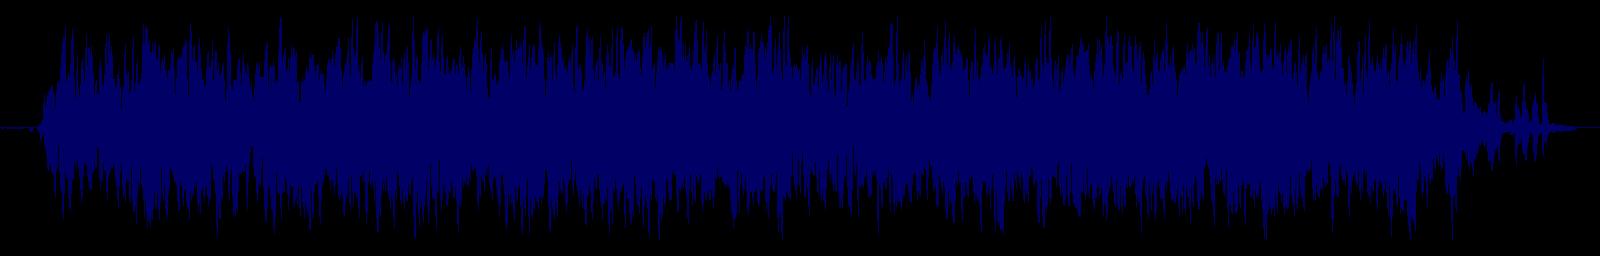 waveform of track #129925